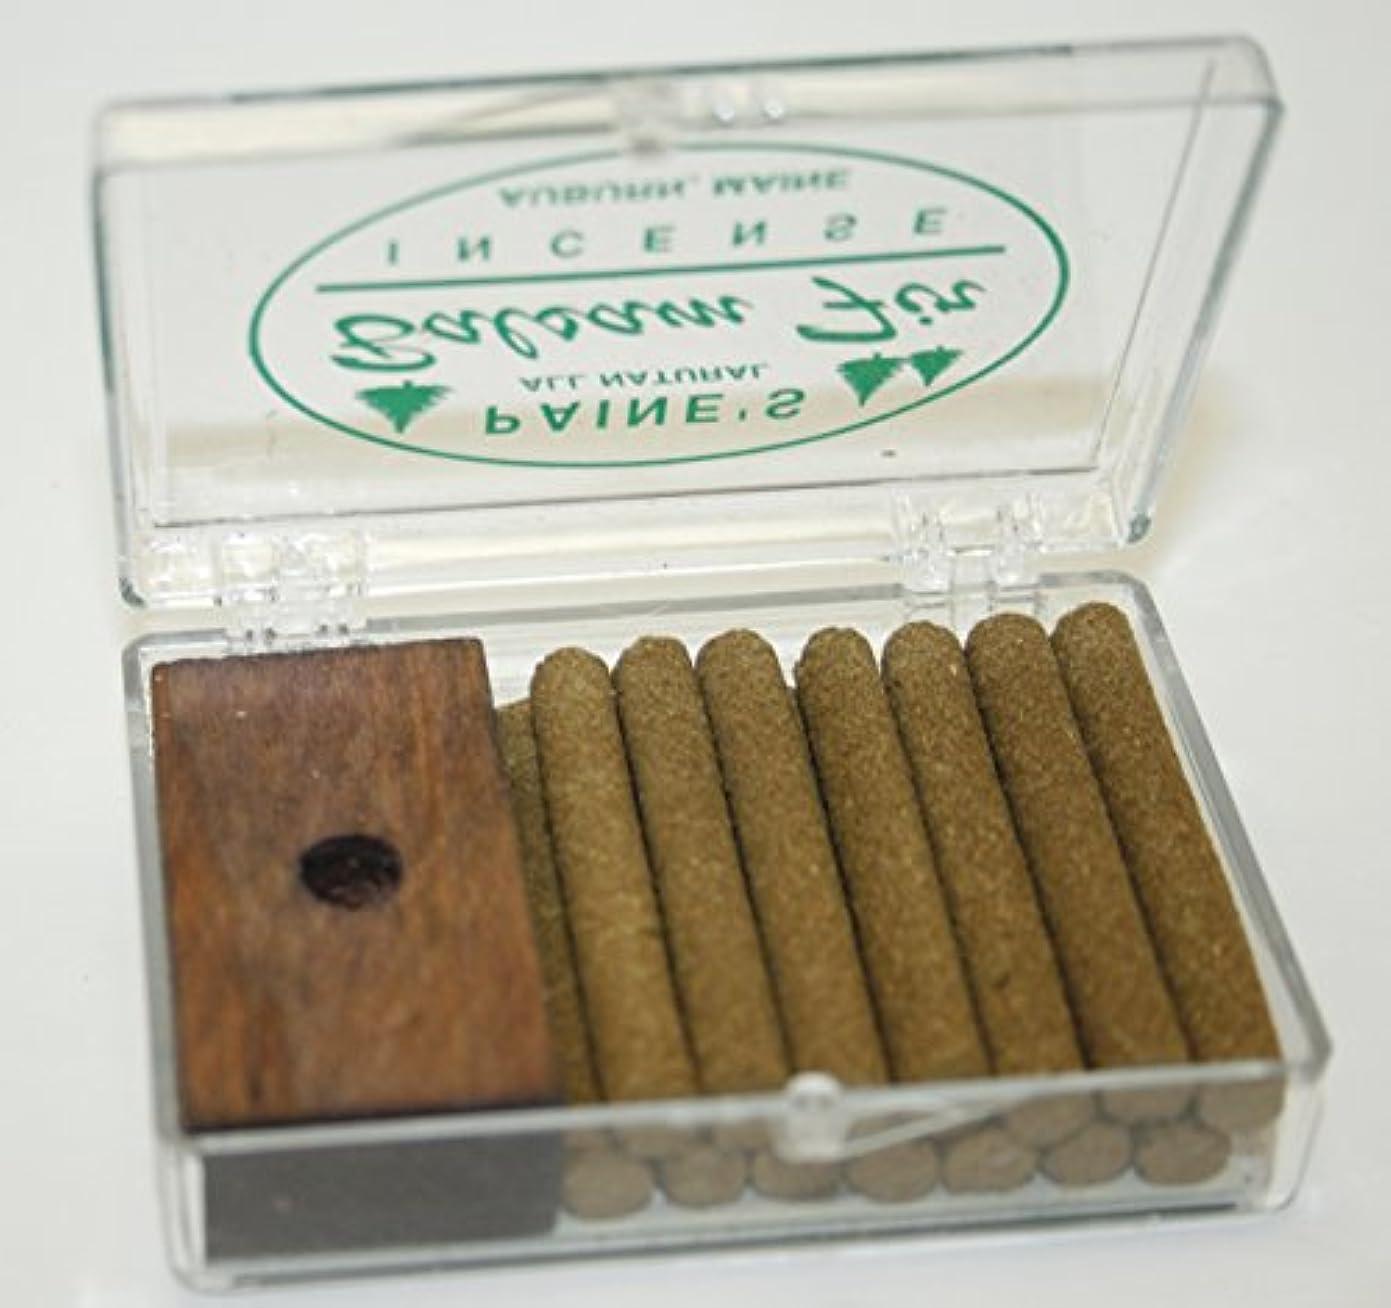 ヨーグルト慰めまたINCENSE & BURNER comes w/ 14 balsam fir sticks Paine's wood holder lodge style by Paine's